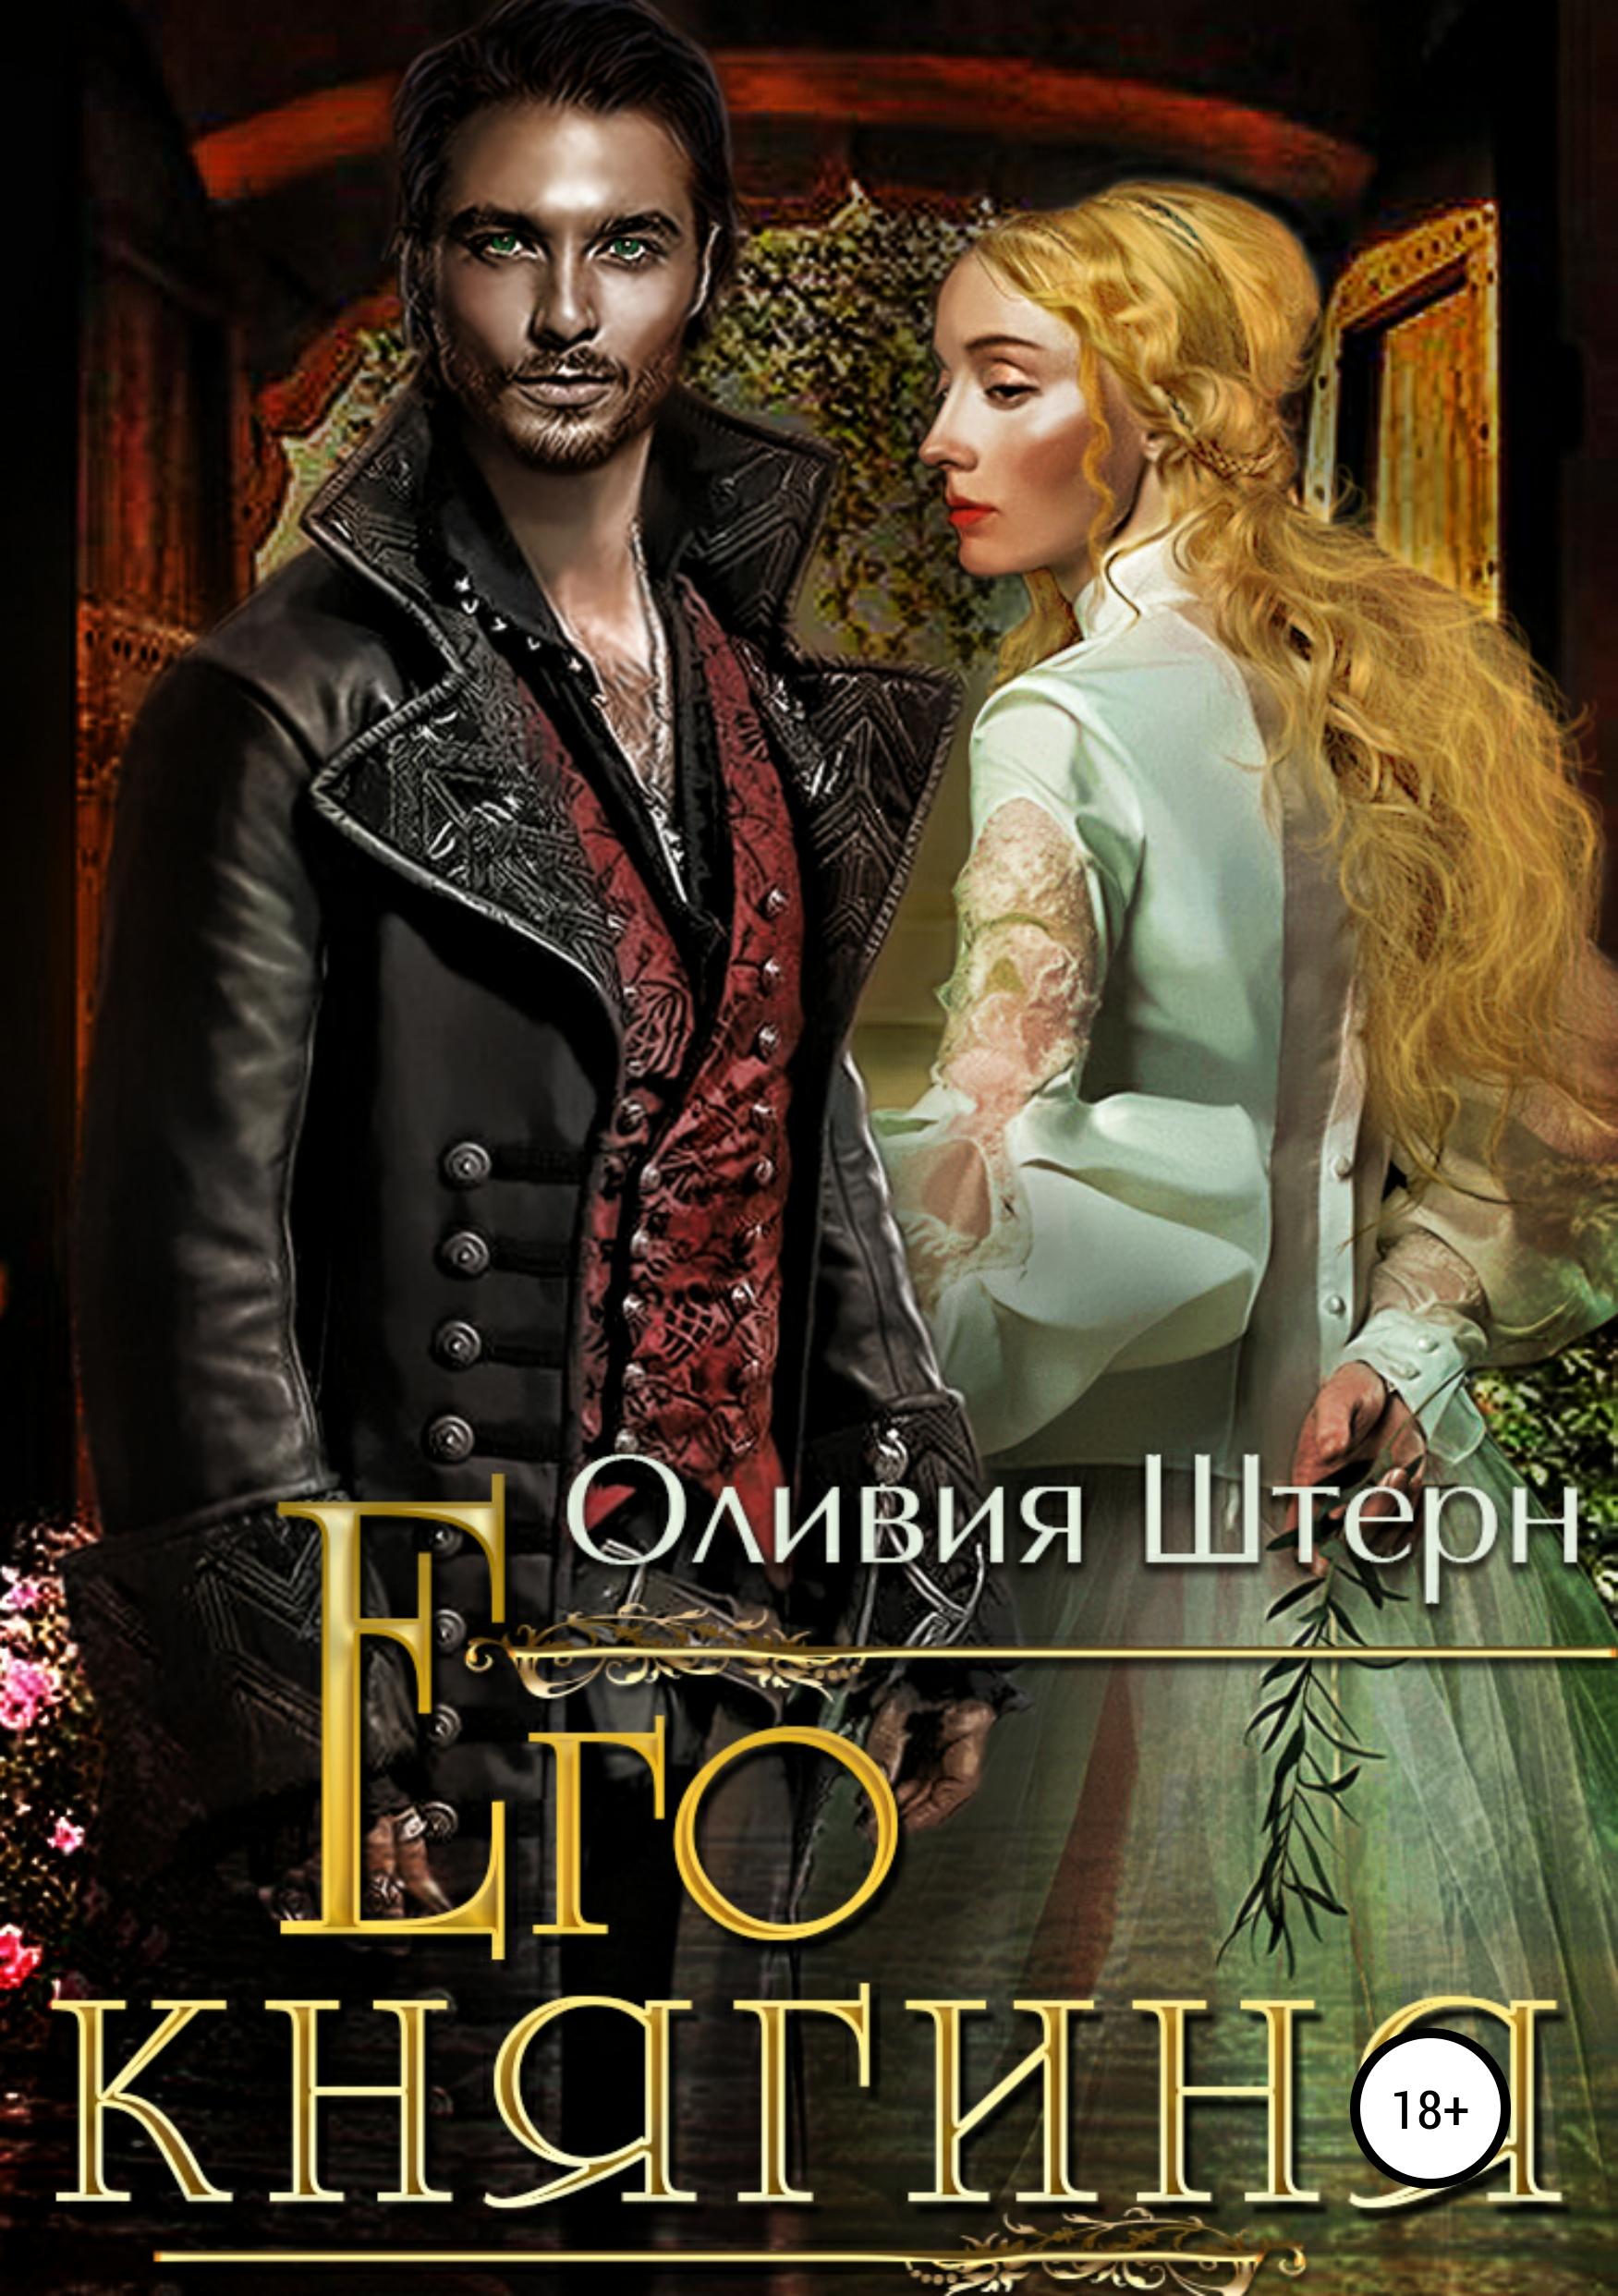 Оливия Штерн Его княгиня